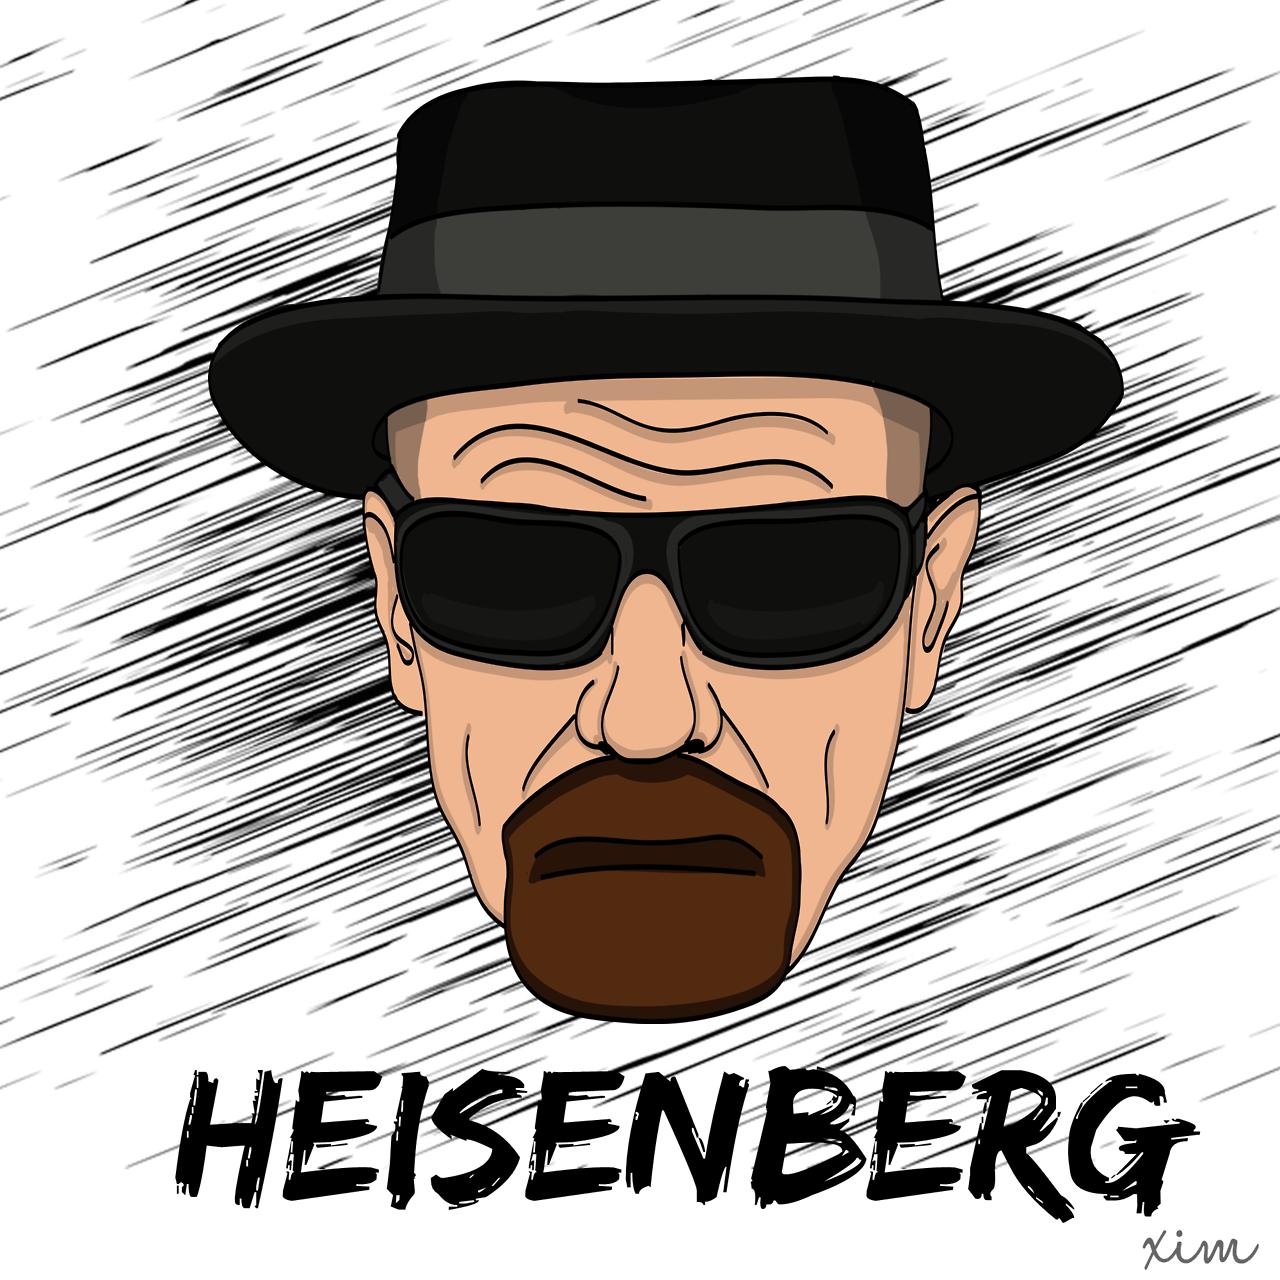 Heisenberg Breaking Bad Xim Breakingbad Heisenberg Heisenberg Breaking Bad Bad